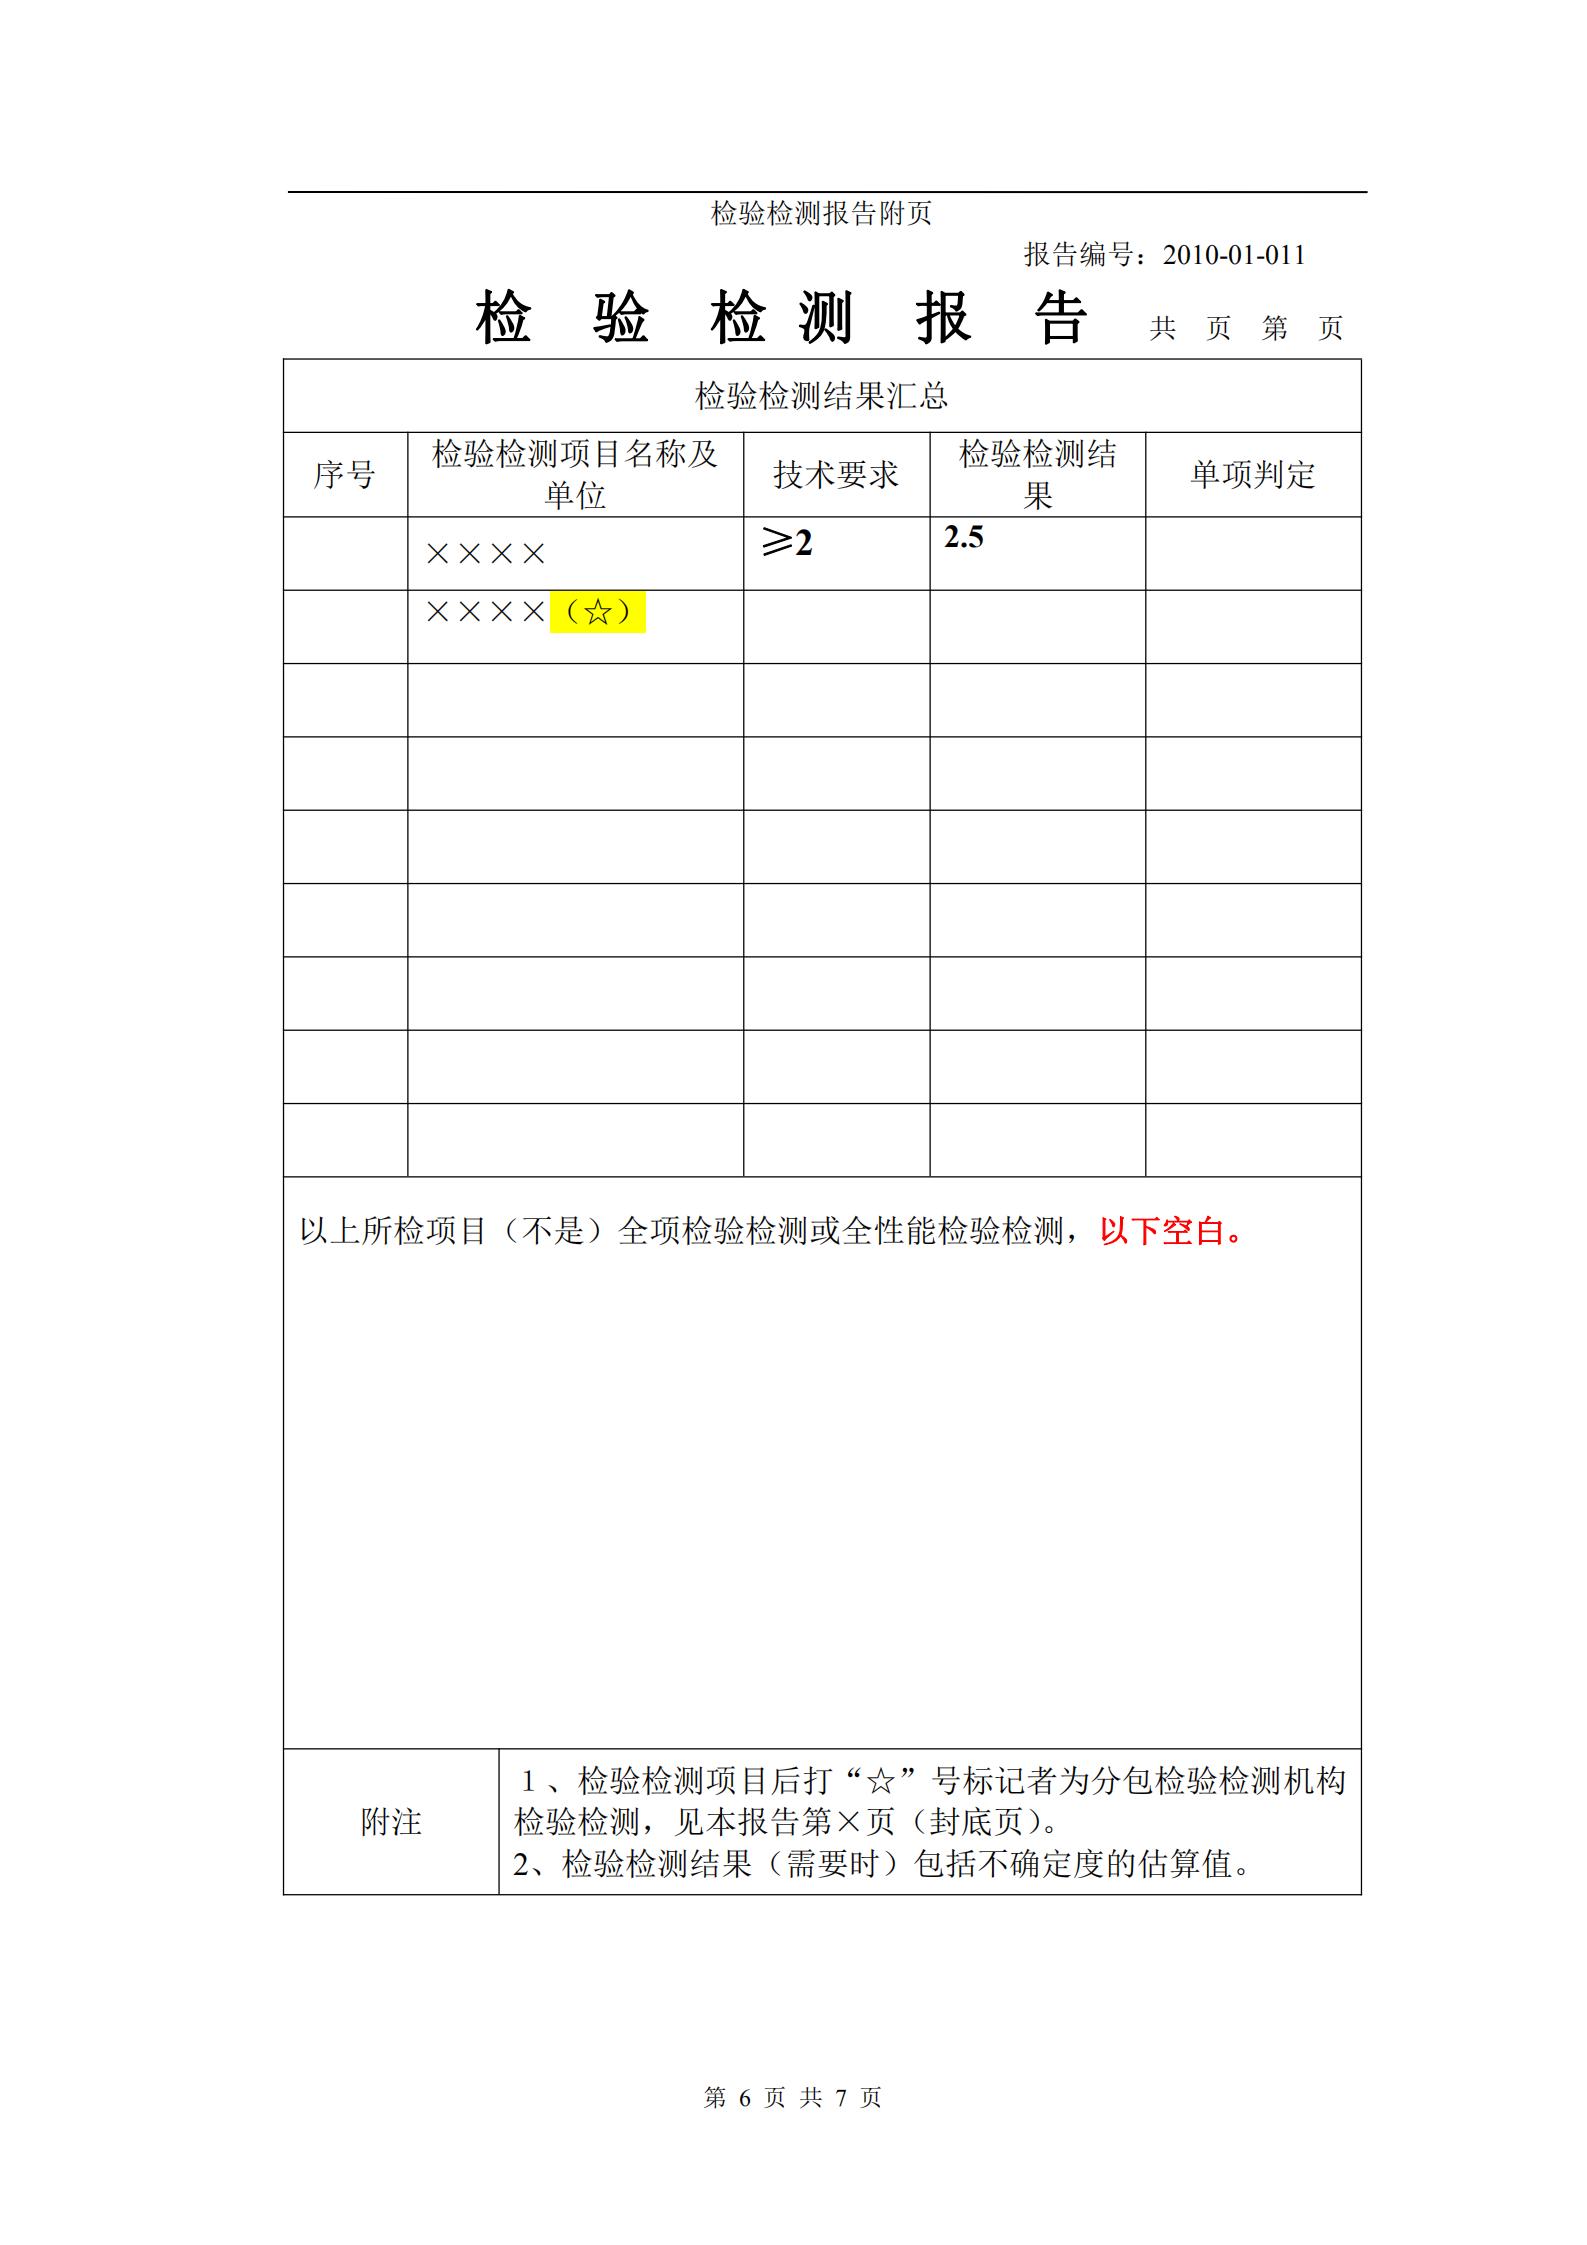 分包报告格式_05.png